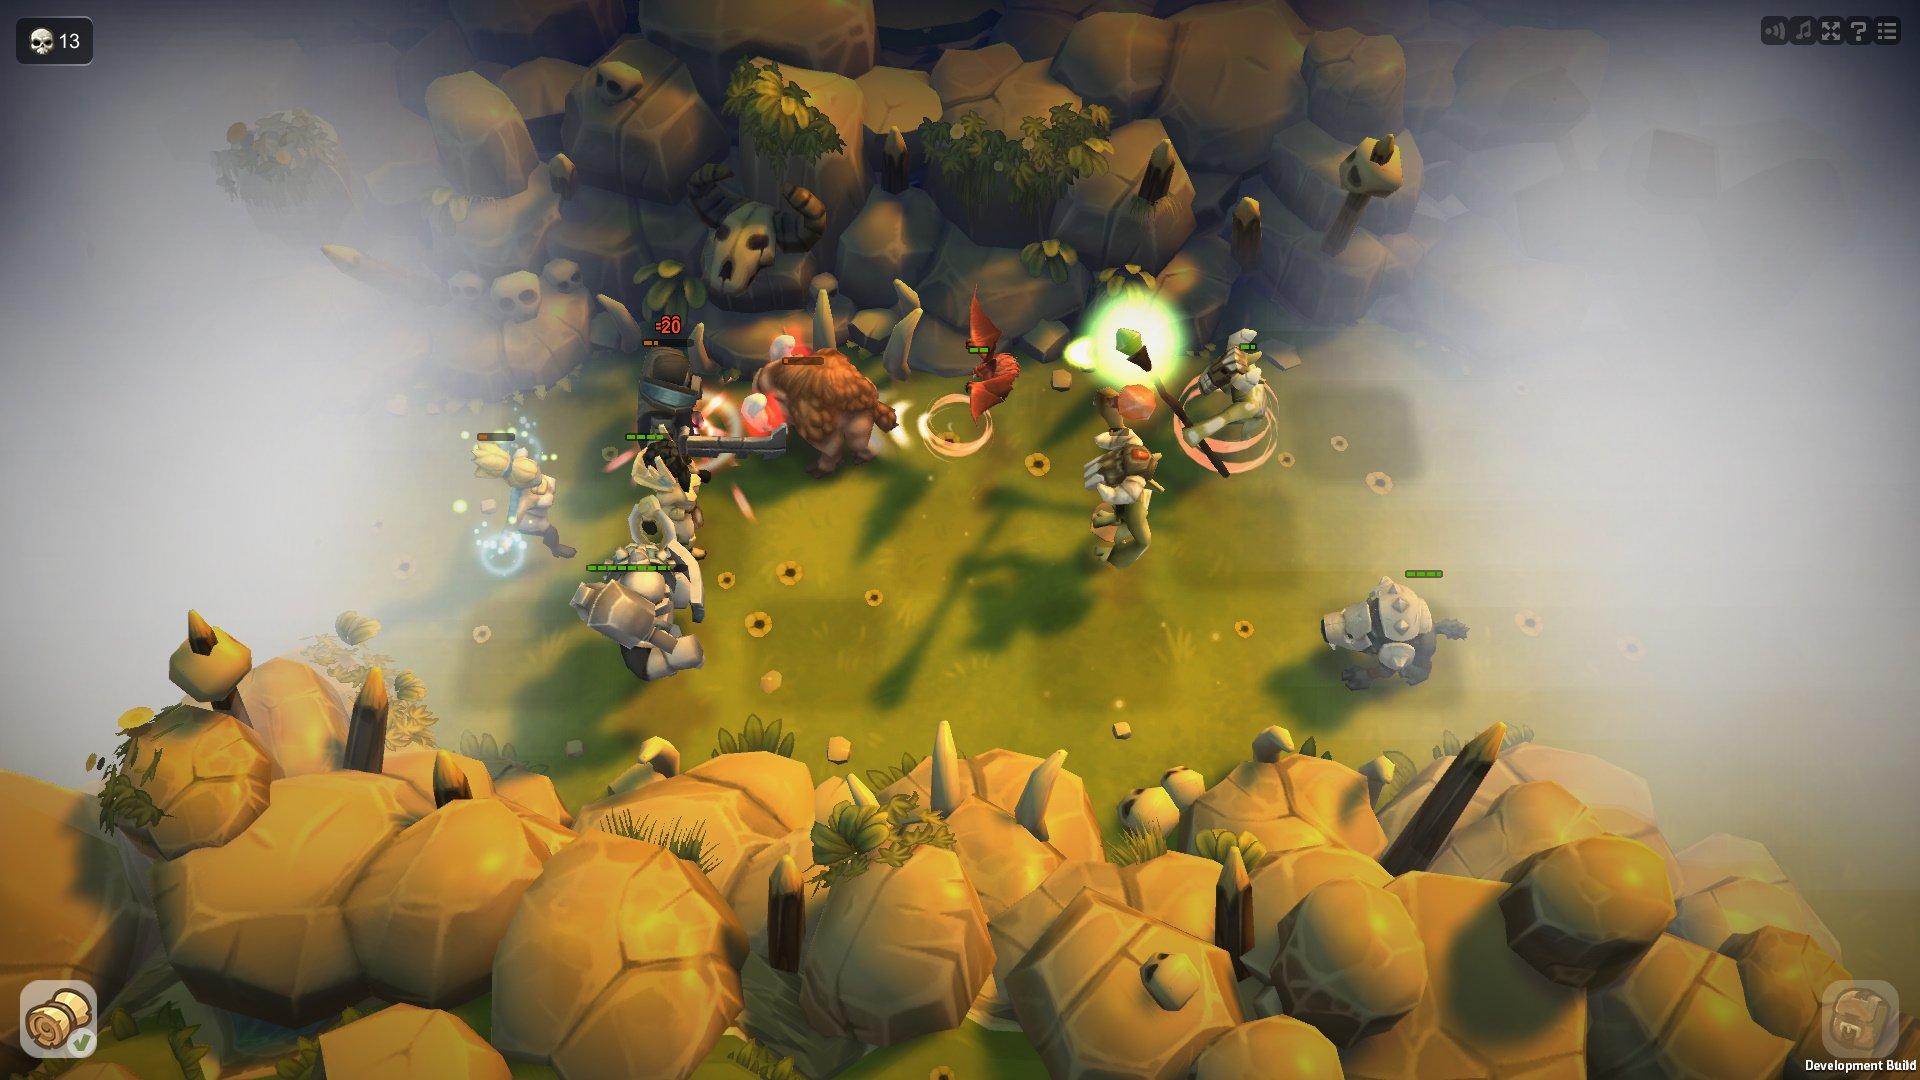 Команда инди-разработчиков Battlecruiser Games запустила свою первую игру Guards на Steam Greenlight. Поддержите н ... - Изображение 4